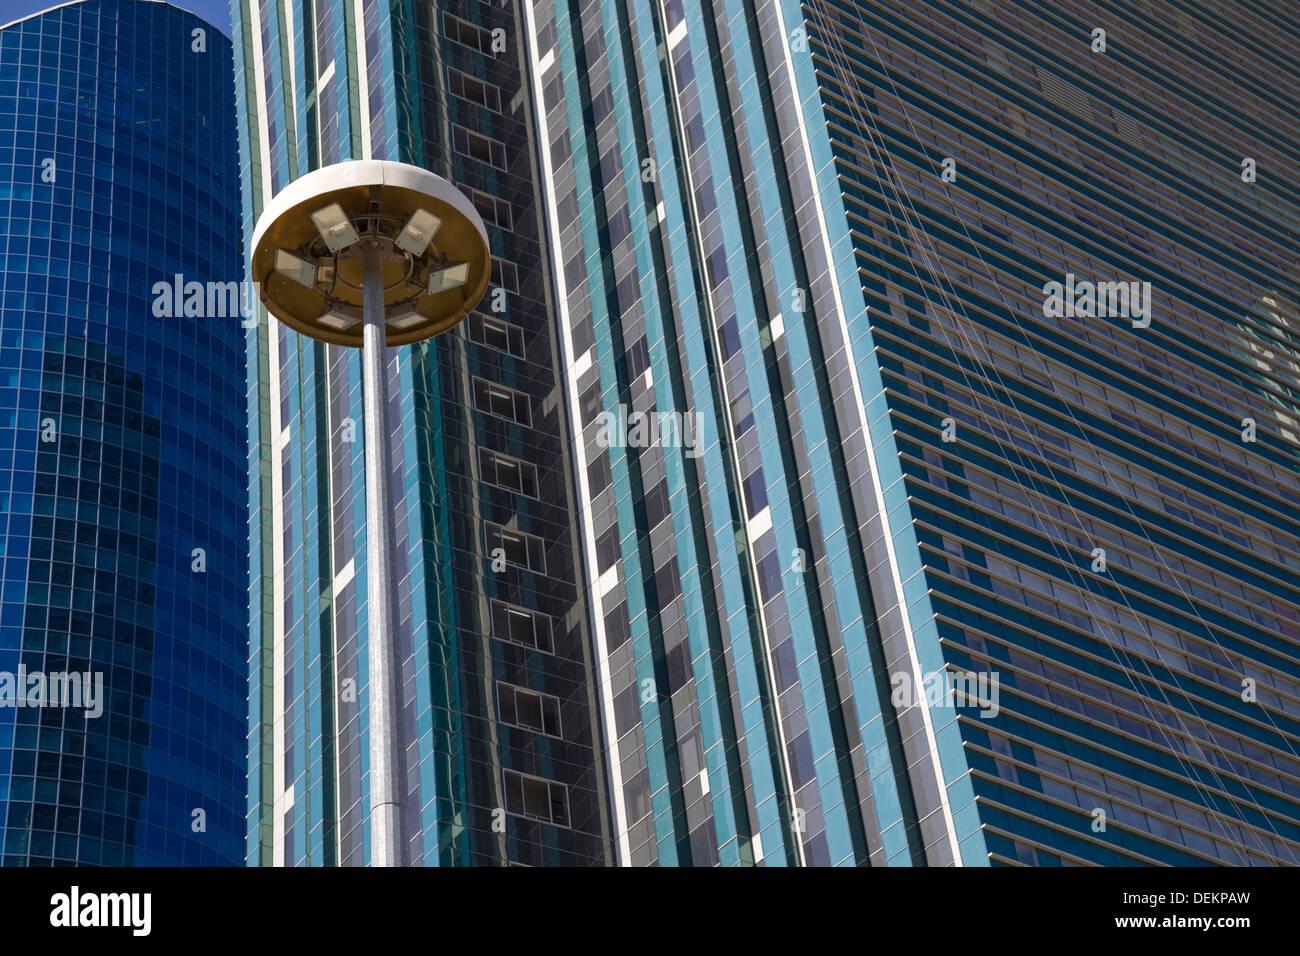 Moderne geb ude in astana kasachstan stockfoto bild for Moderne architektur gebaude